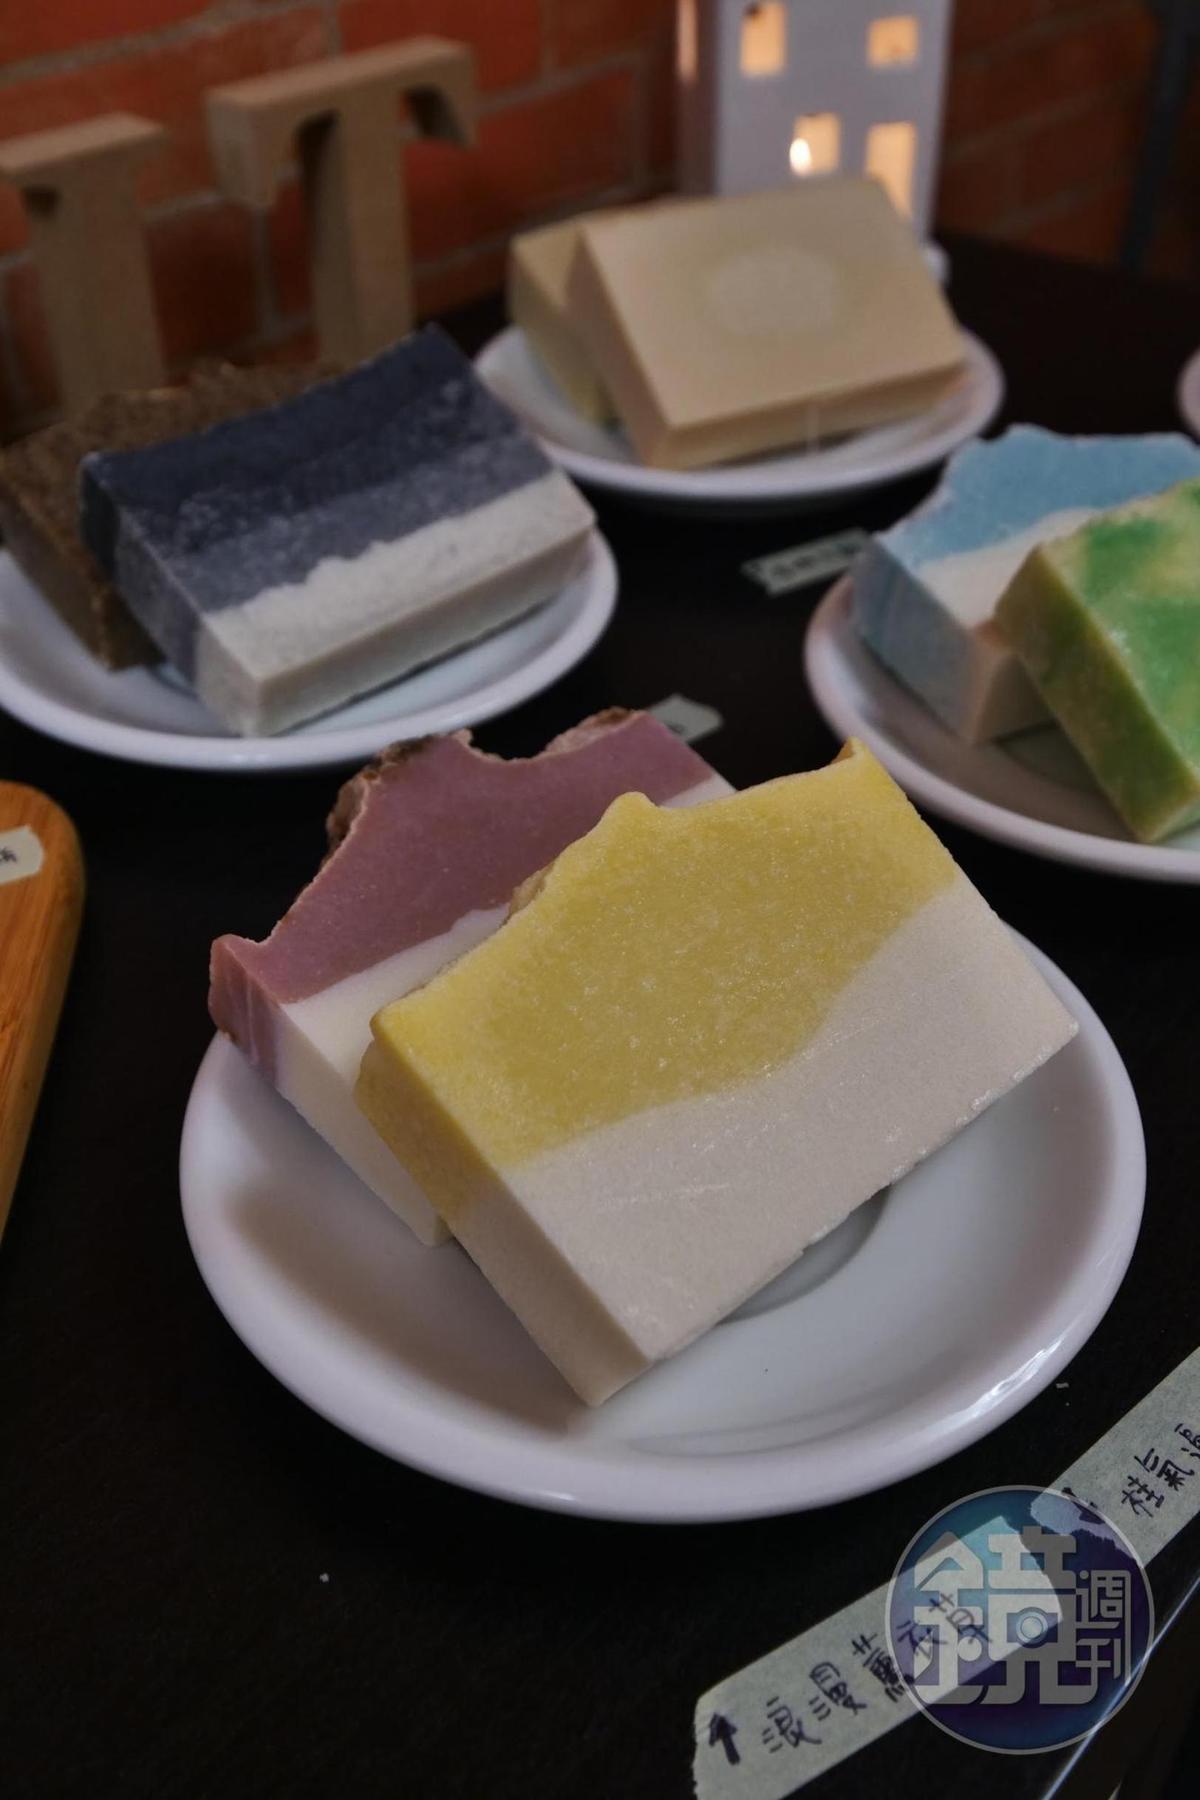 協進會裡頭,也有基隆年輕創業家自製的手工香皂。(199元/塊)